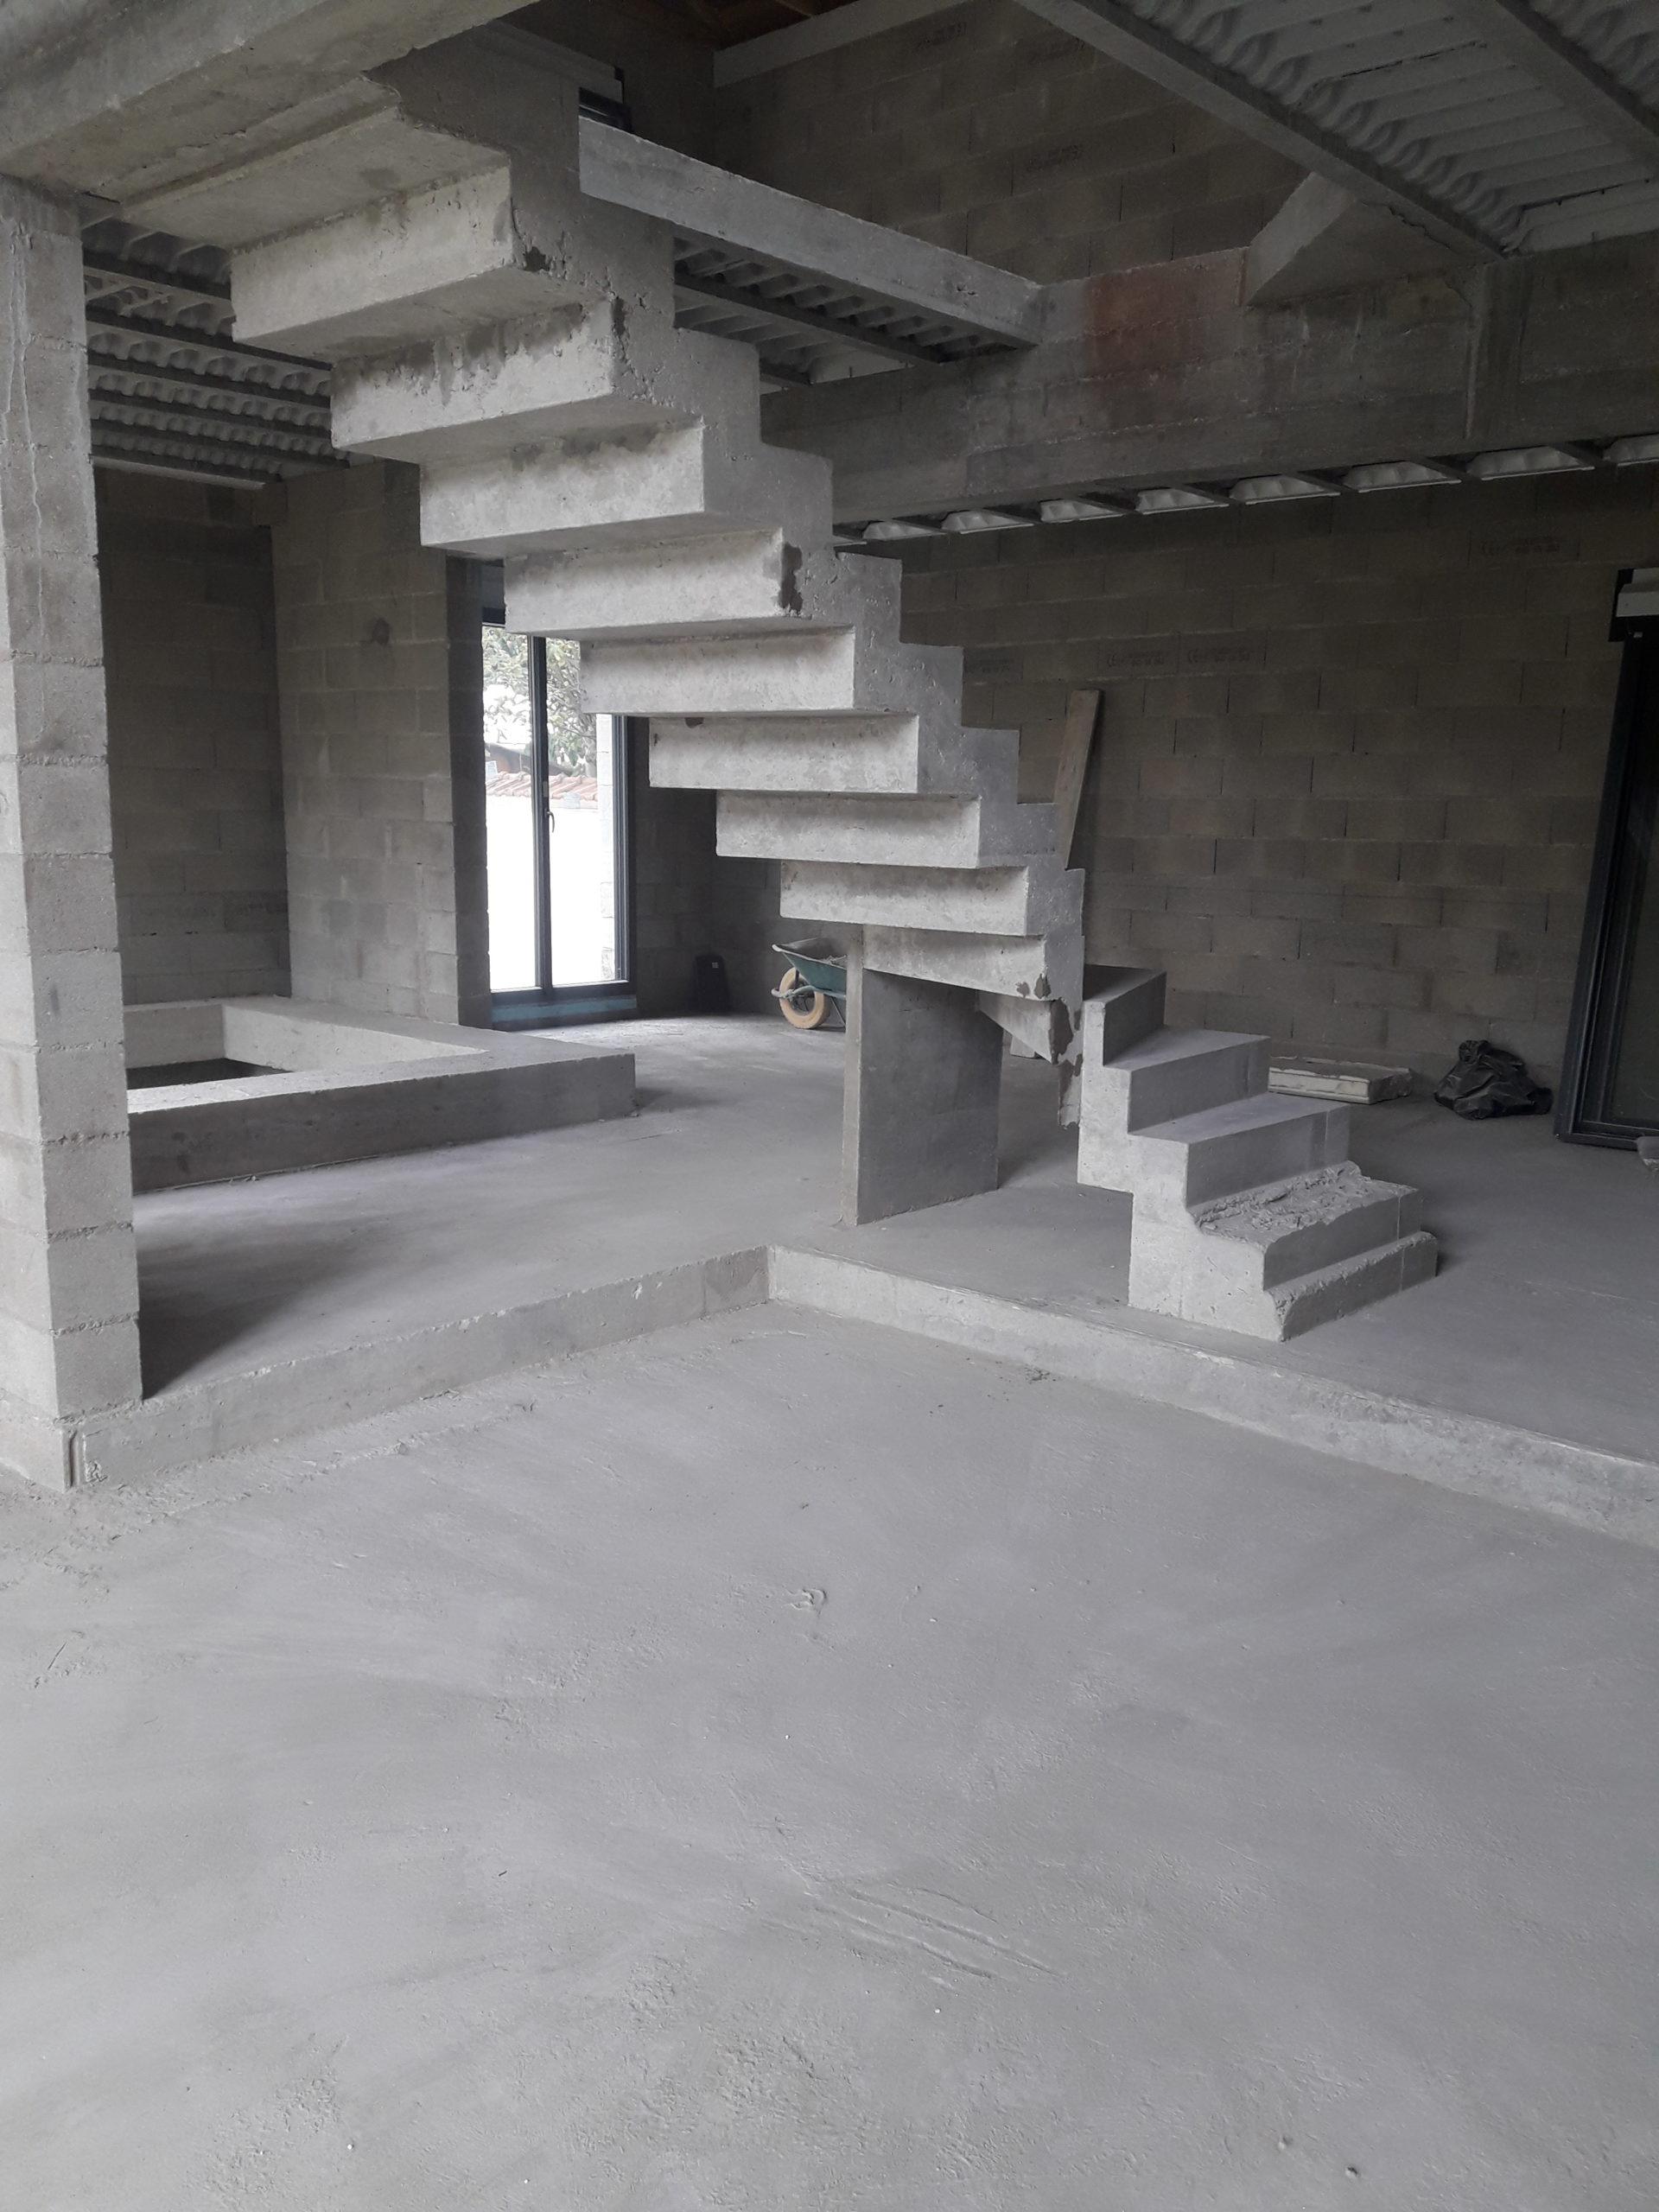 Escalier béton design tournant dans une maison en construction